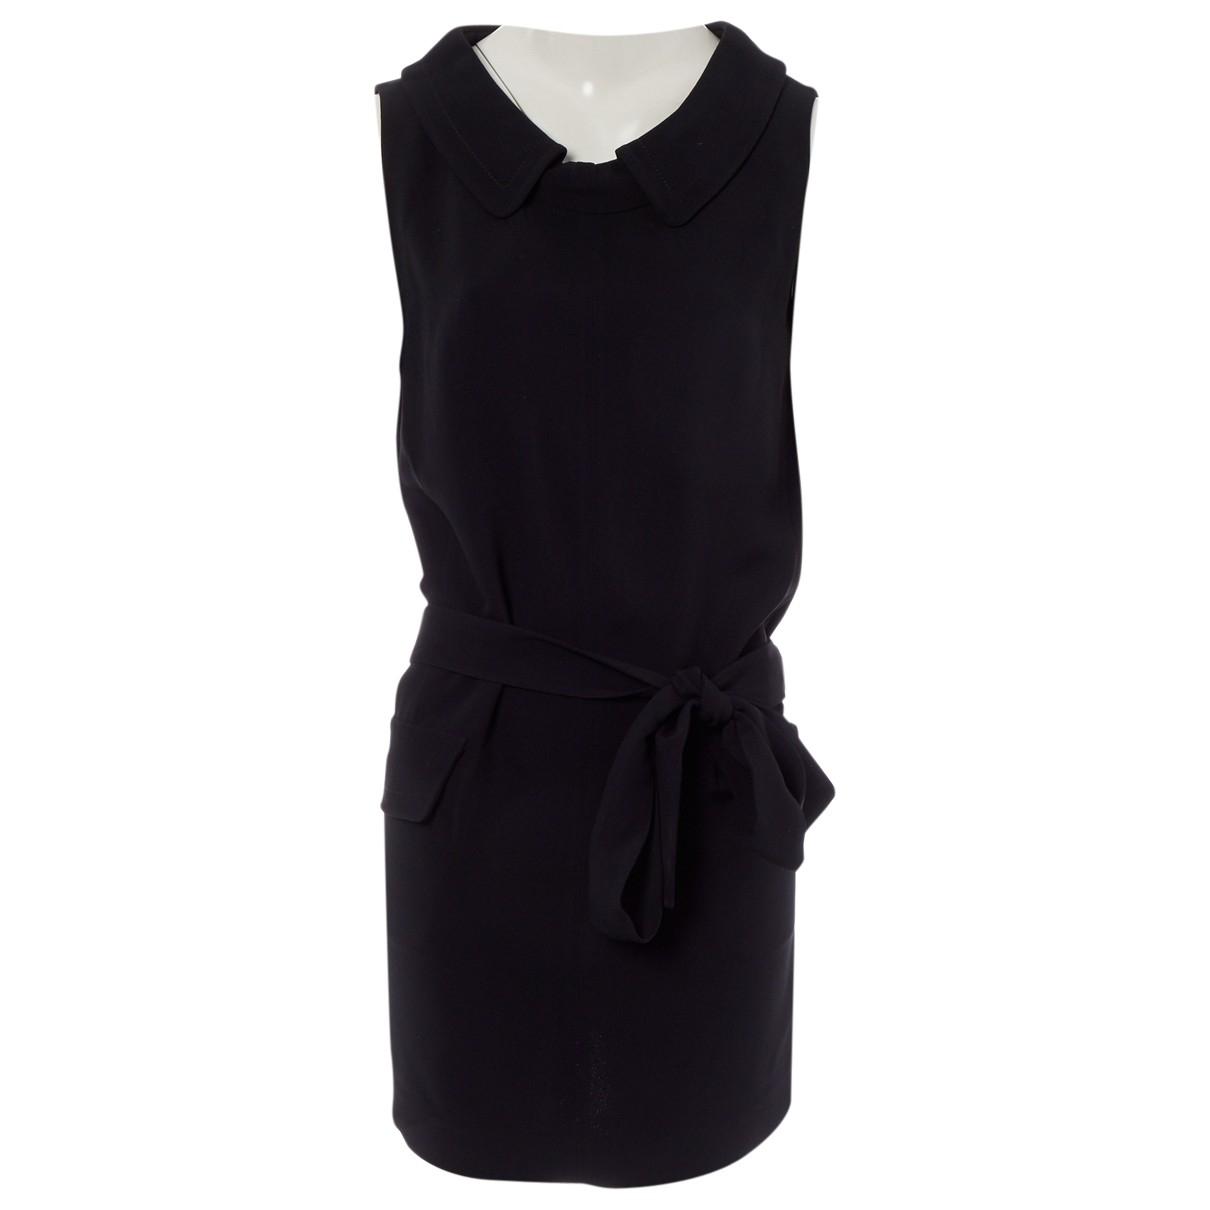 Miu Miu \N Black dress for Women 38 IT